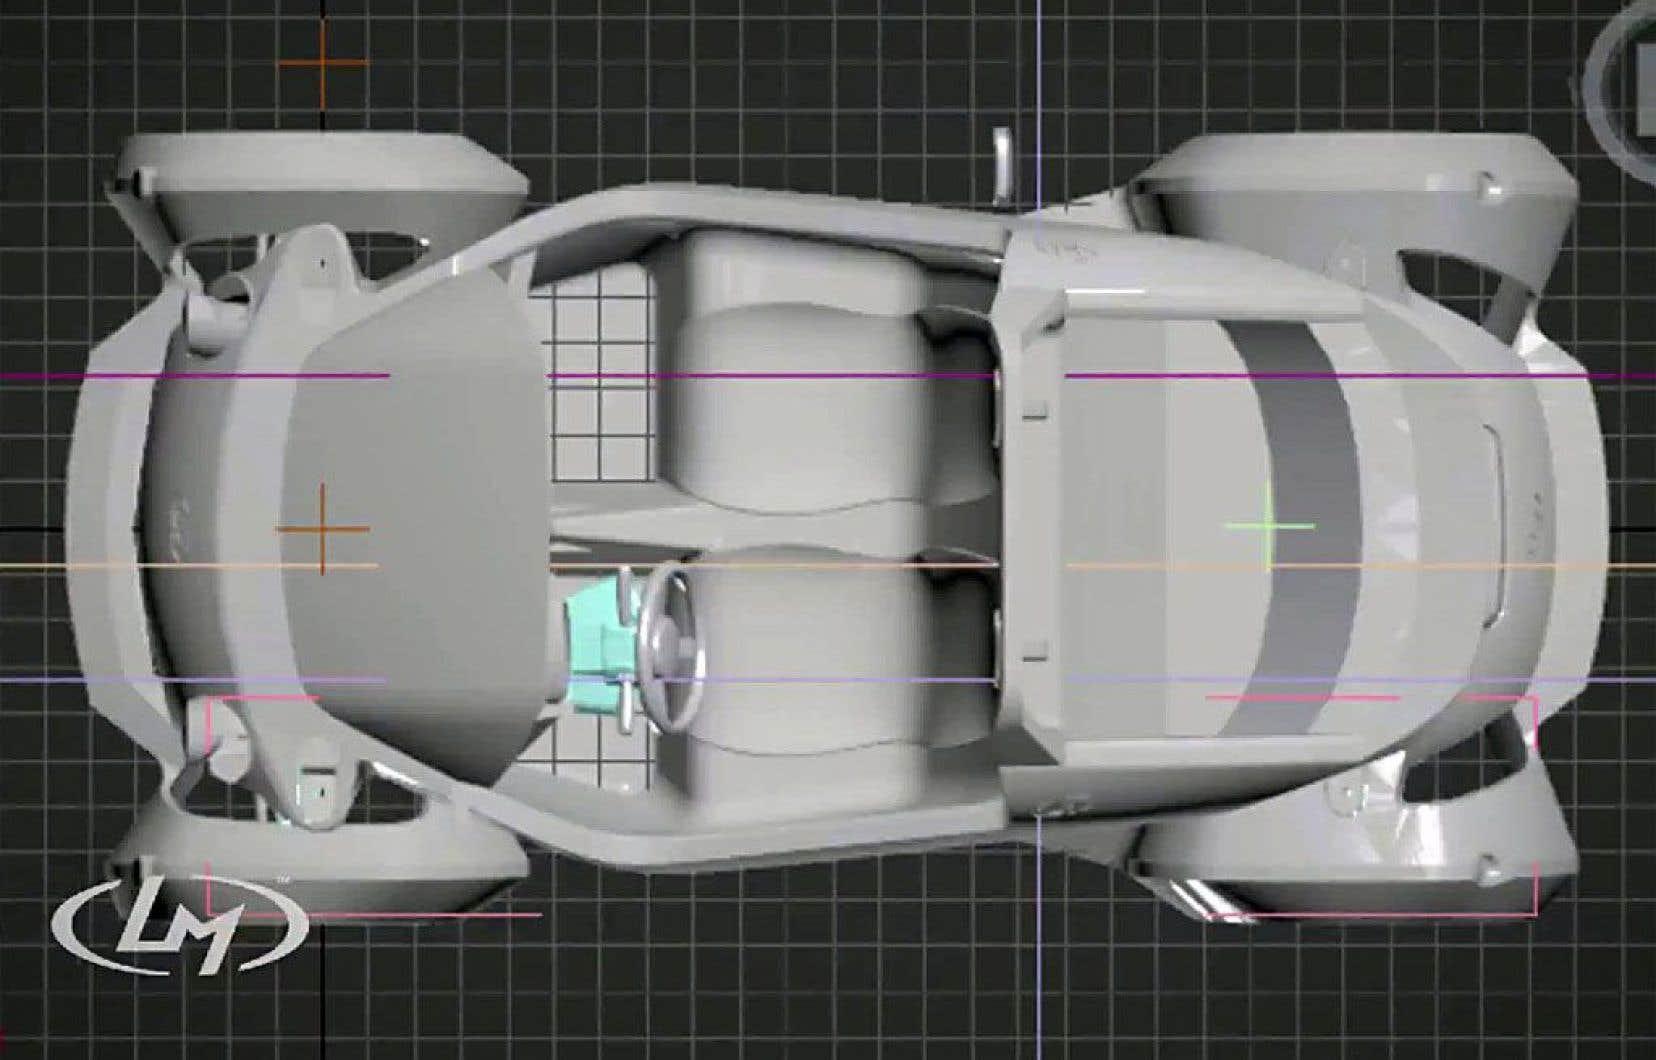 Le 3D imprime sa marque sur l'industrie